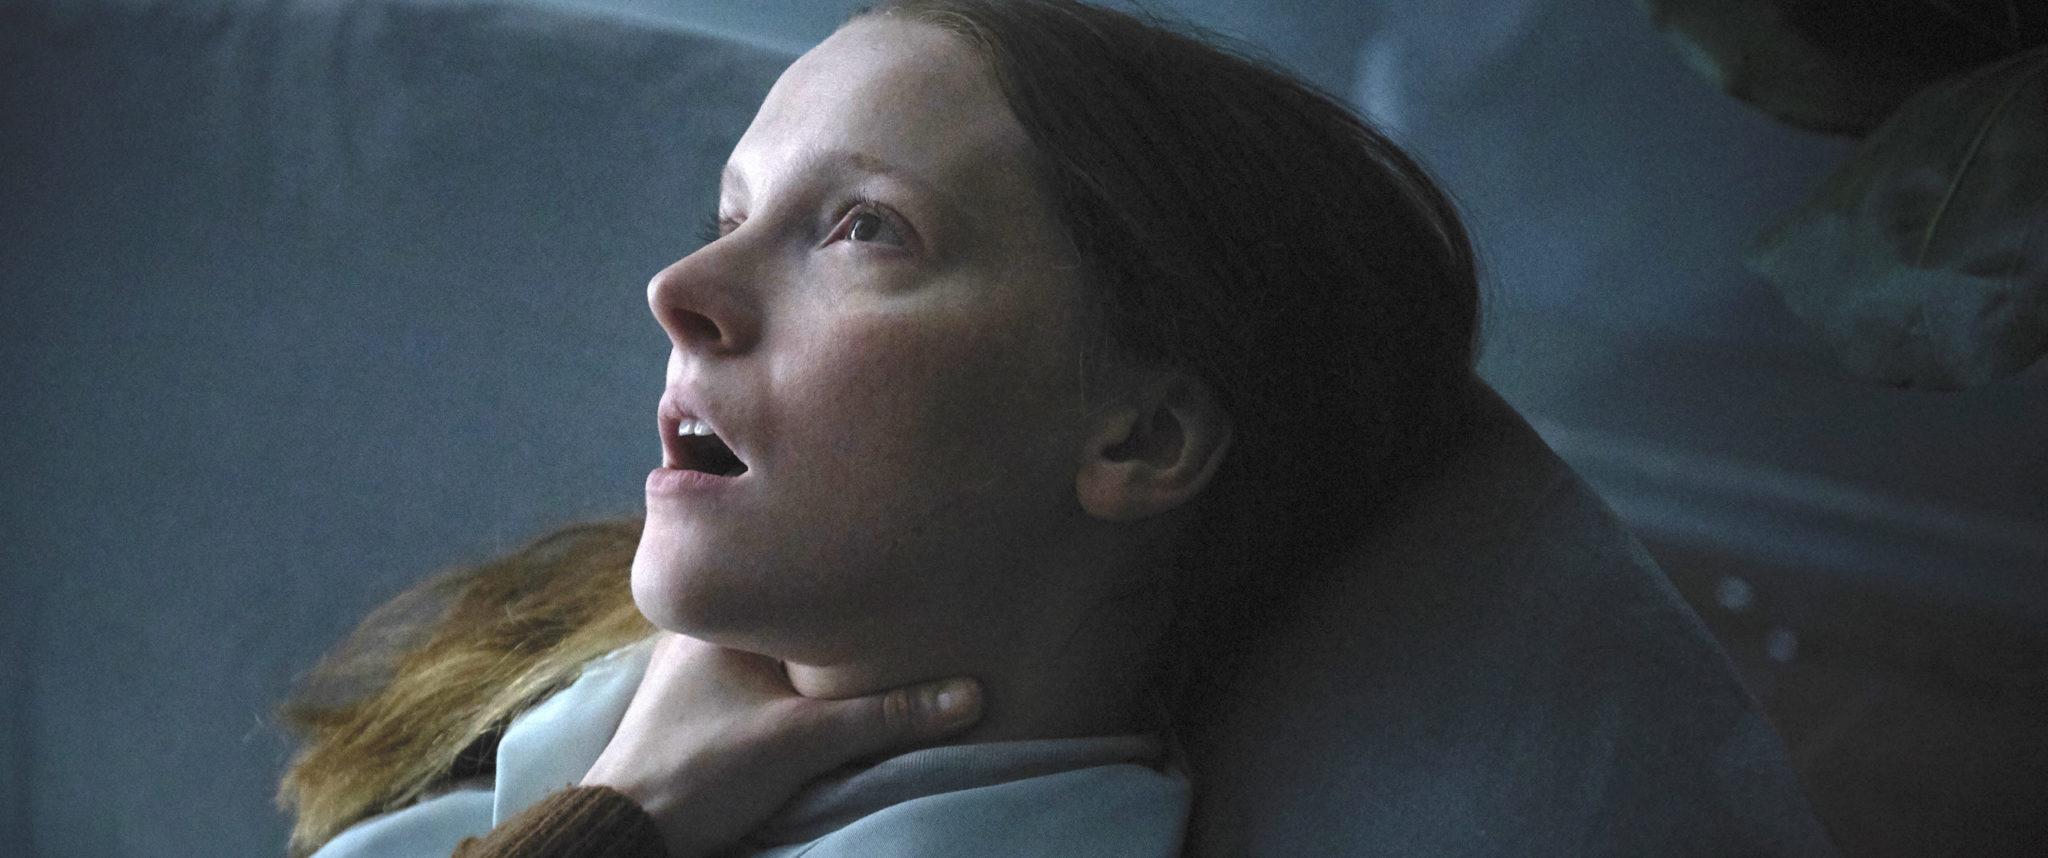 El thriller de terror 'Saint Maud' llegará a Amazon Prime Video y Hulu